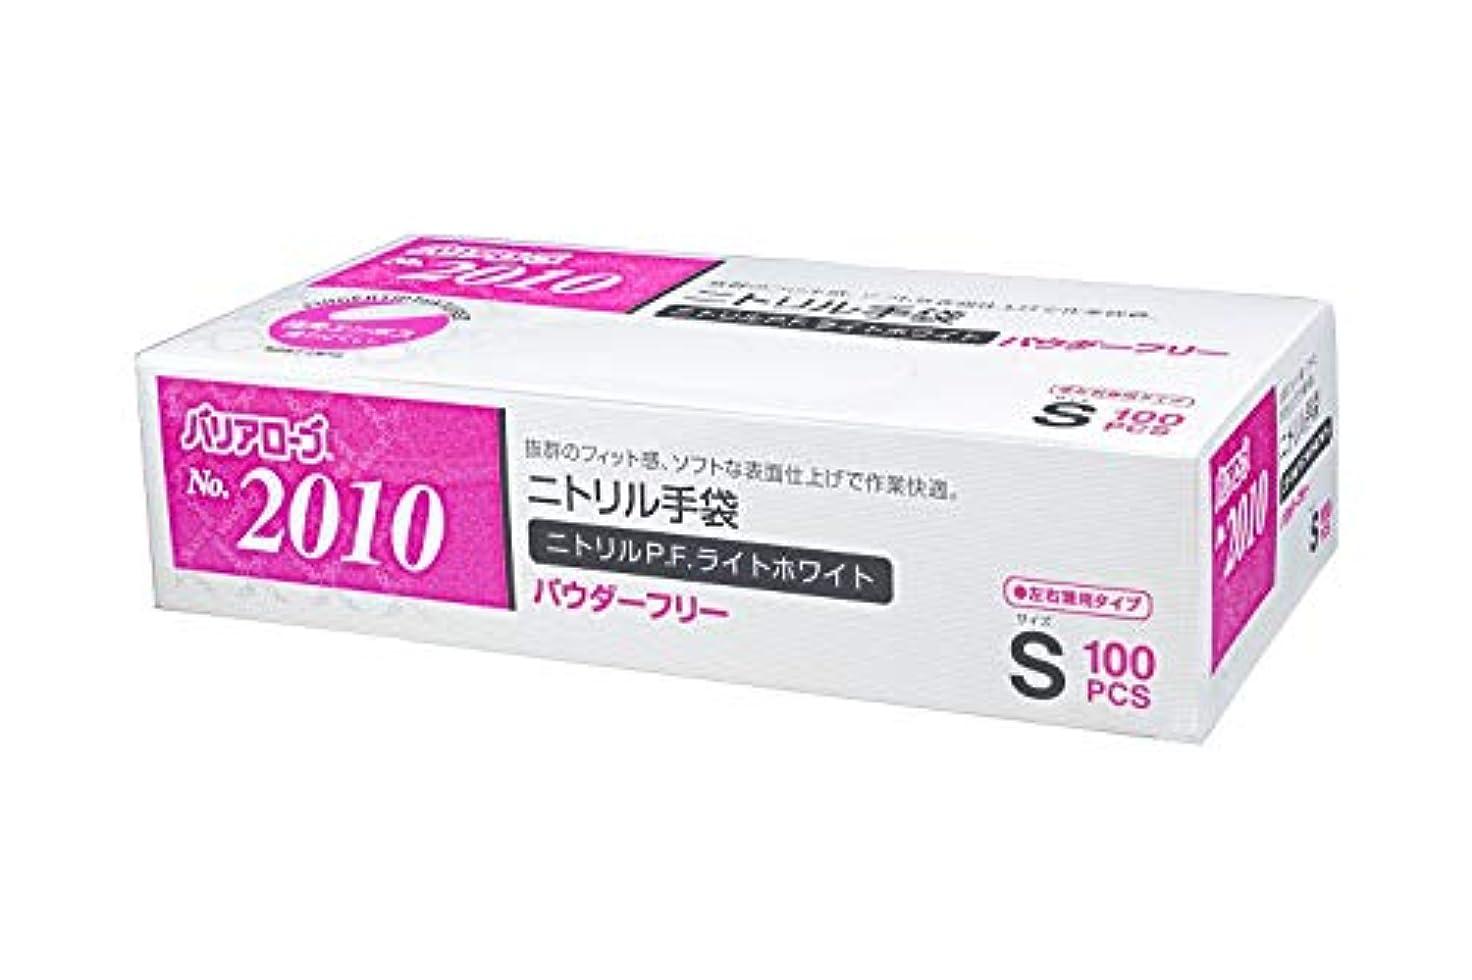 雹するクラック【ケース販売】 バリアローブ №2010 ニトリルP.F.ライト ホワイト (パウダーフリー) S 2000枚(100枚×20箱)